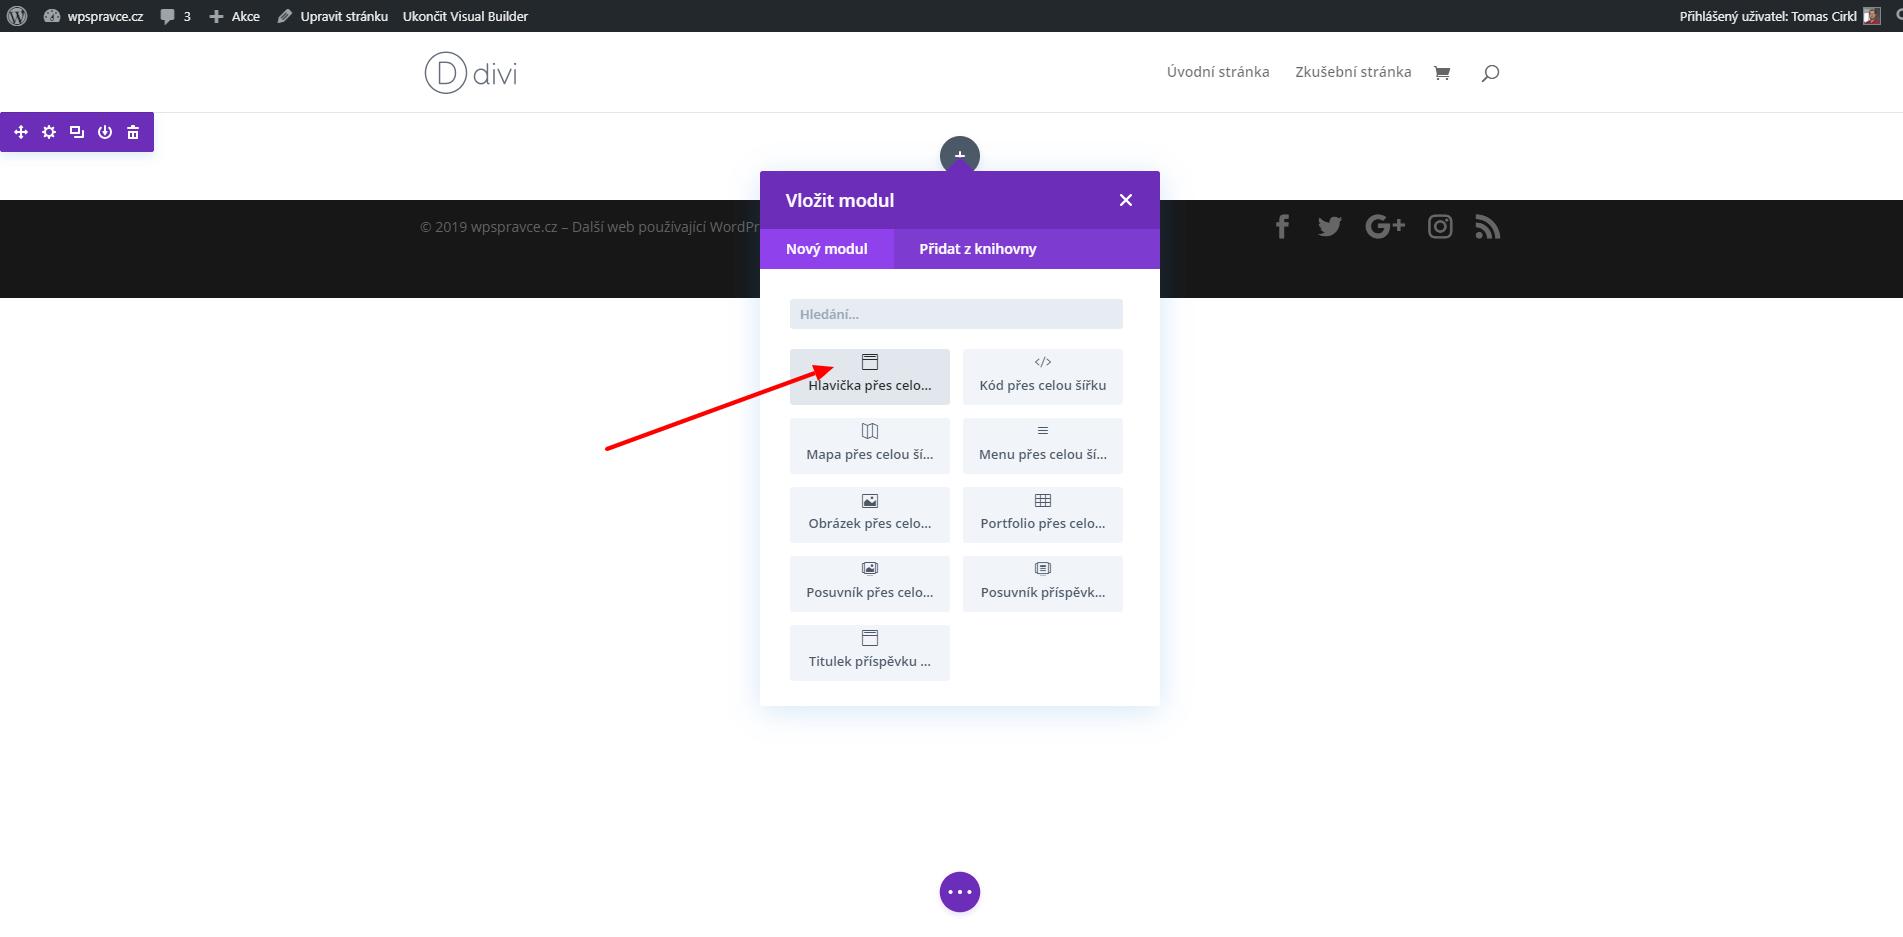 Jak do stránky vložit modul Hlavička přes celou šířku